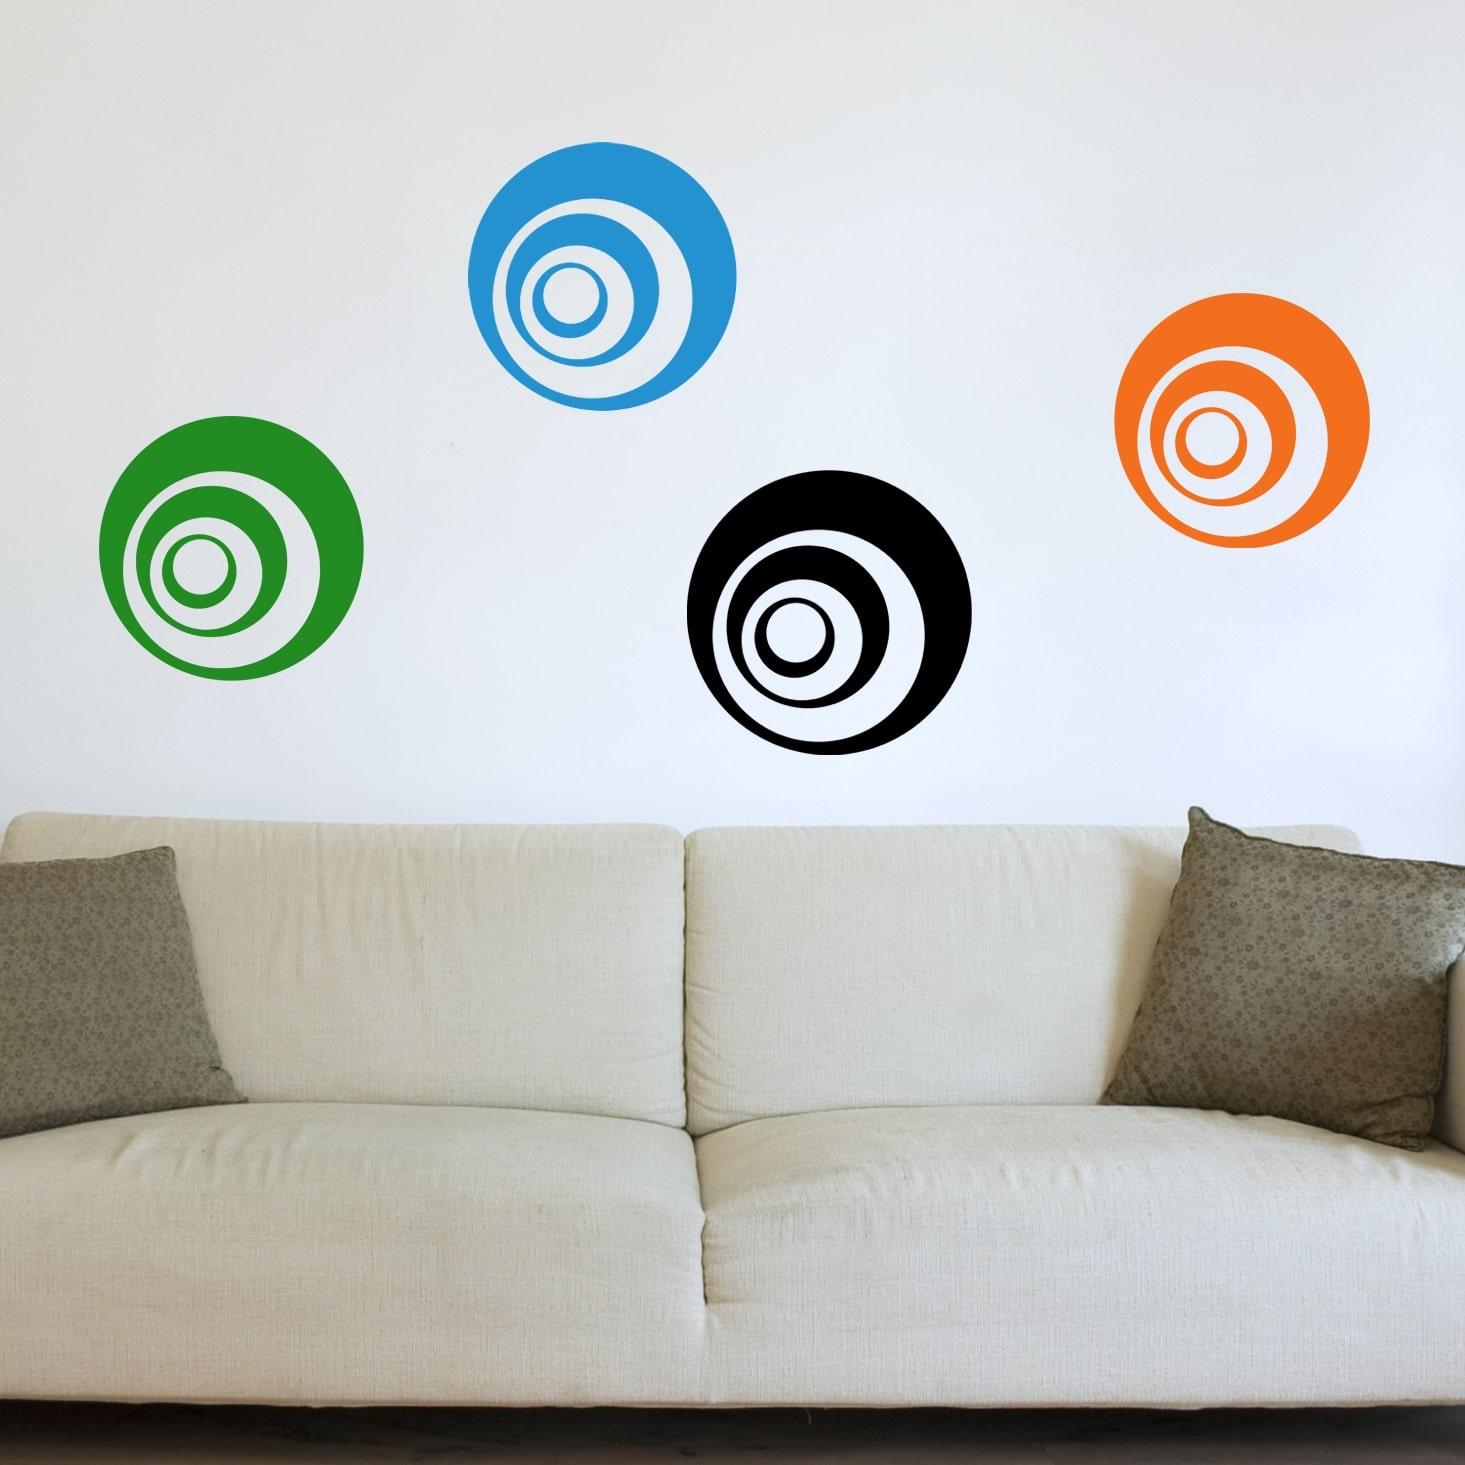 Billede af Wallsticker 6 Cirkler i 3 farver